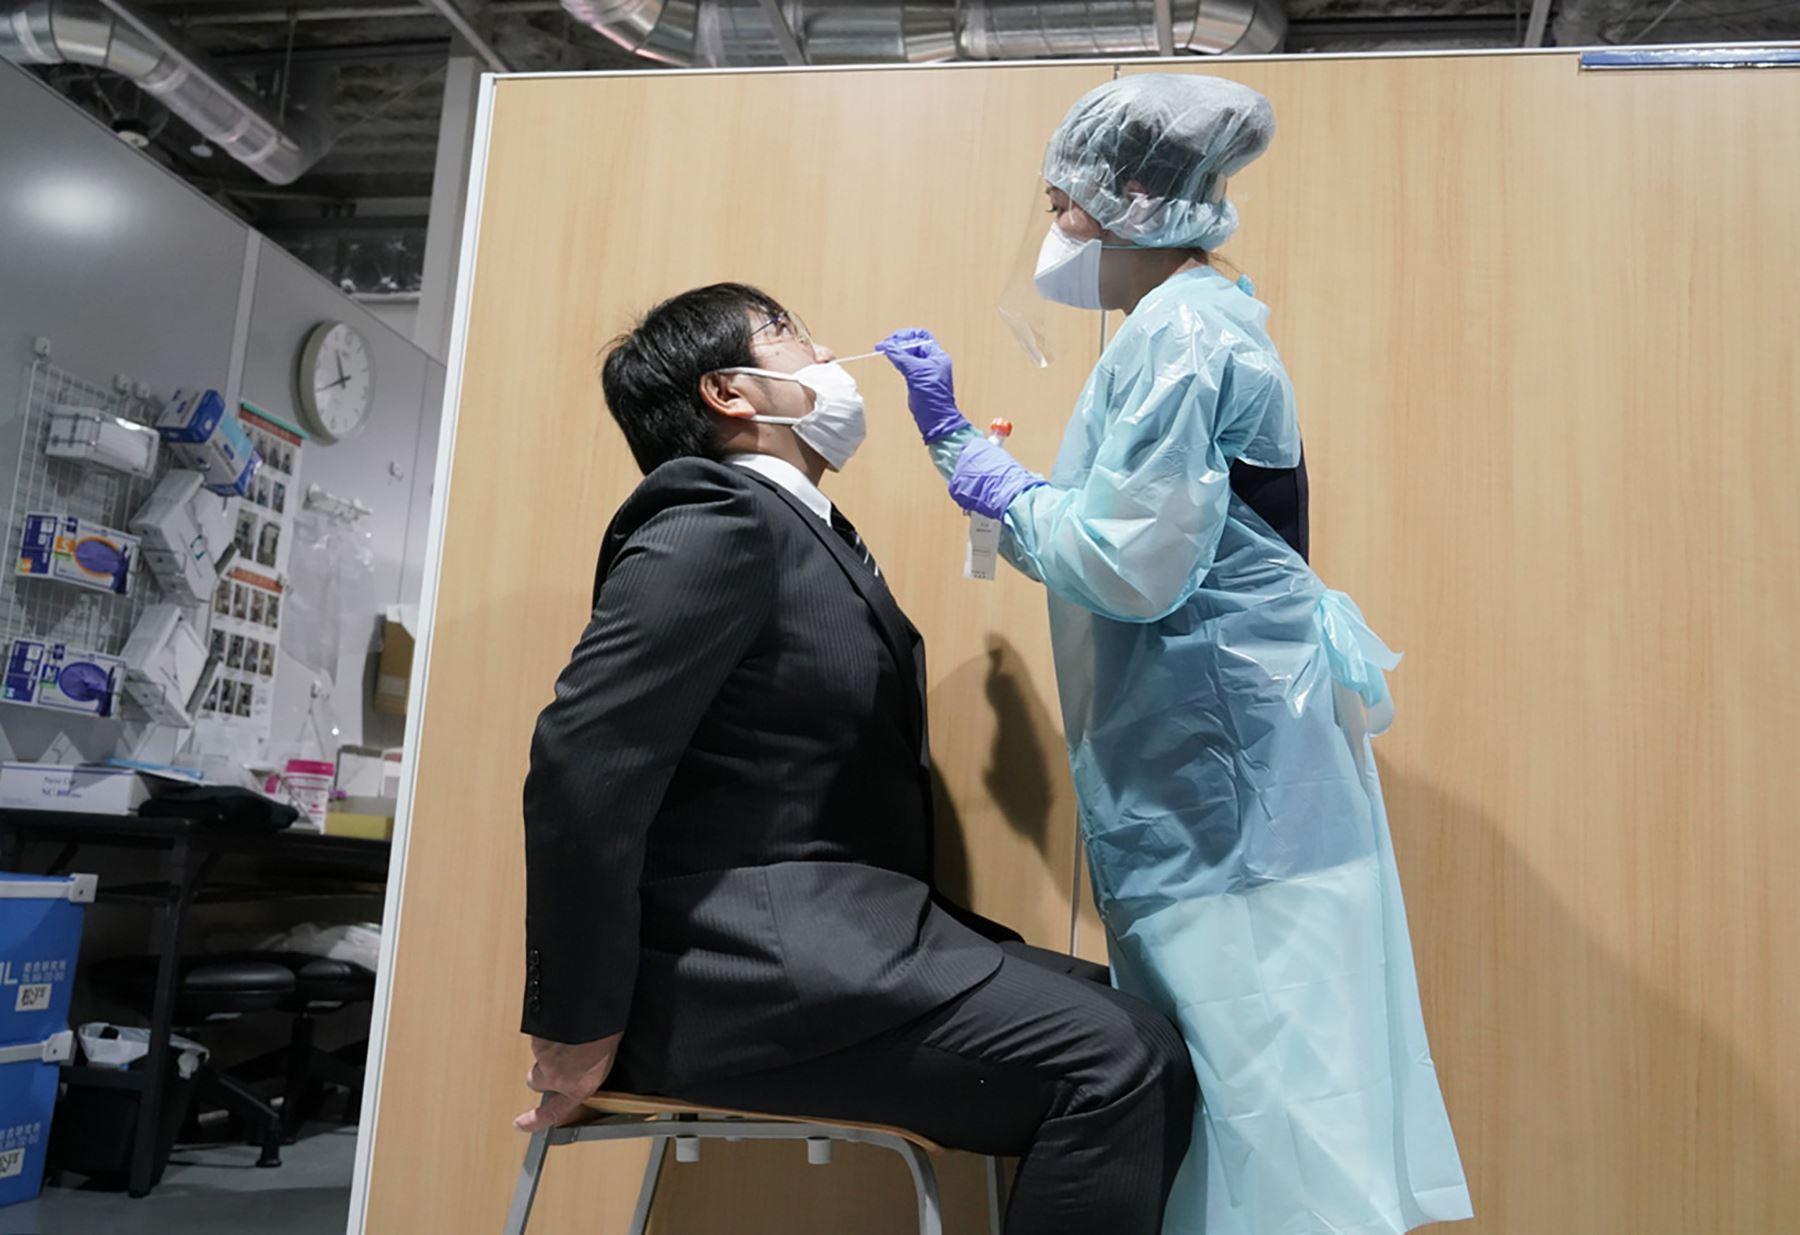 Un miembro del personal médico realiza una prueba del coronavirus en el centro de pruebas del aeropuerto de Narita, en Japón. Foto: AFP